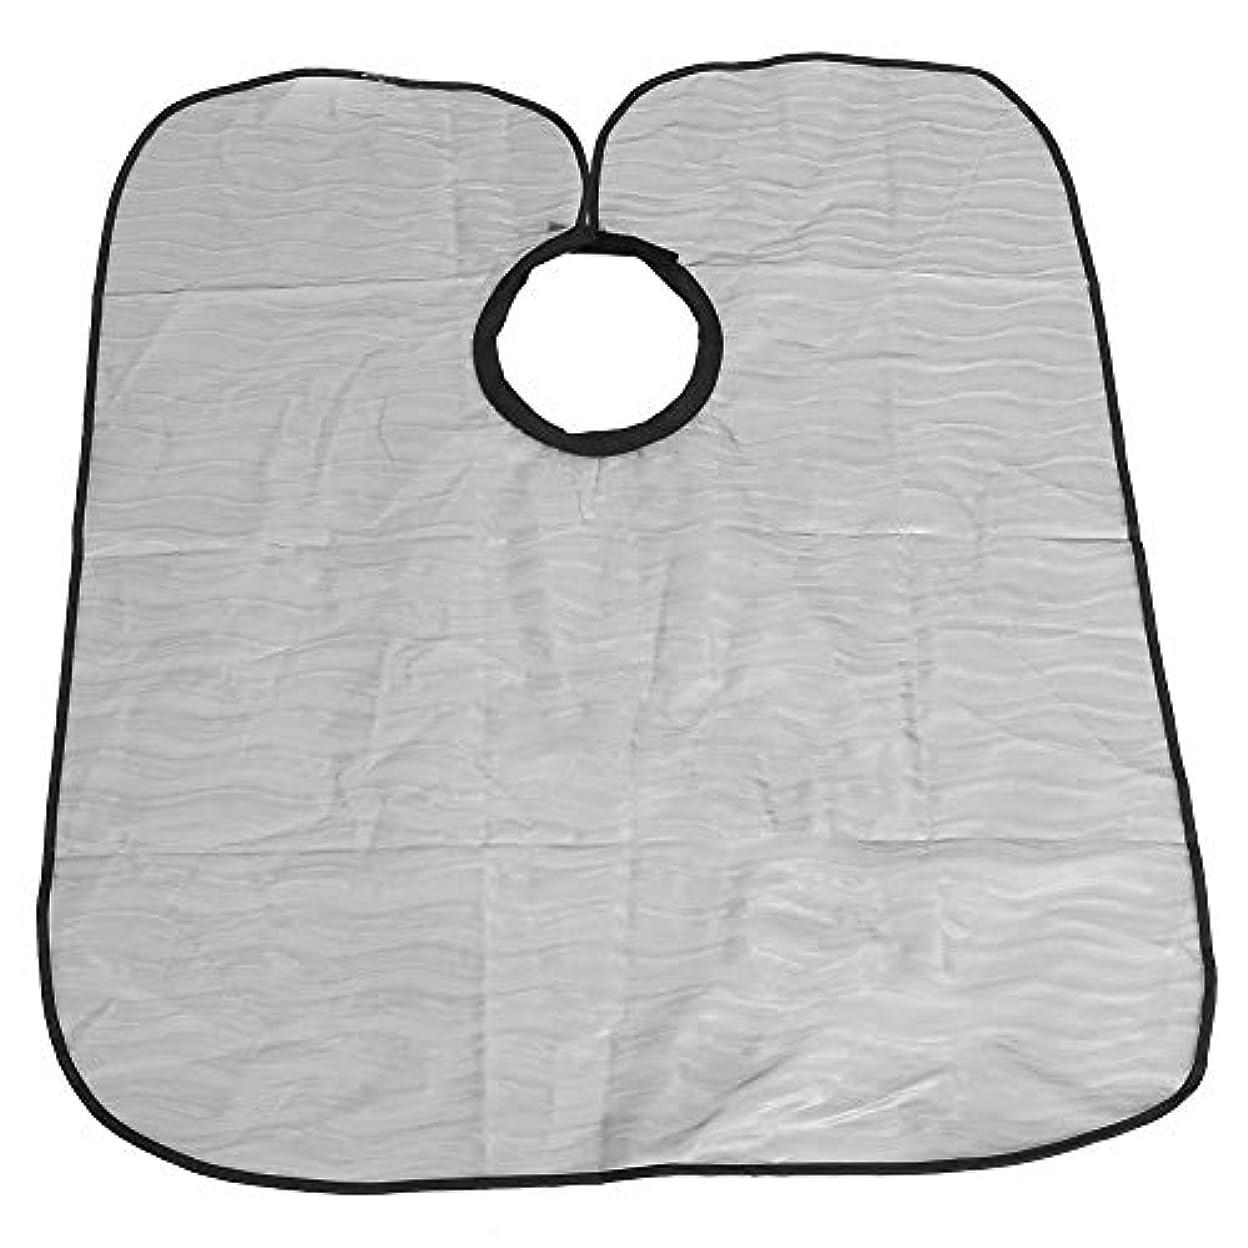 コンパクト供給ジレンマ理髪布、防水サロンヘアカットケープ理髪布ヘアスタイリストガウン理容岬(# 1)